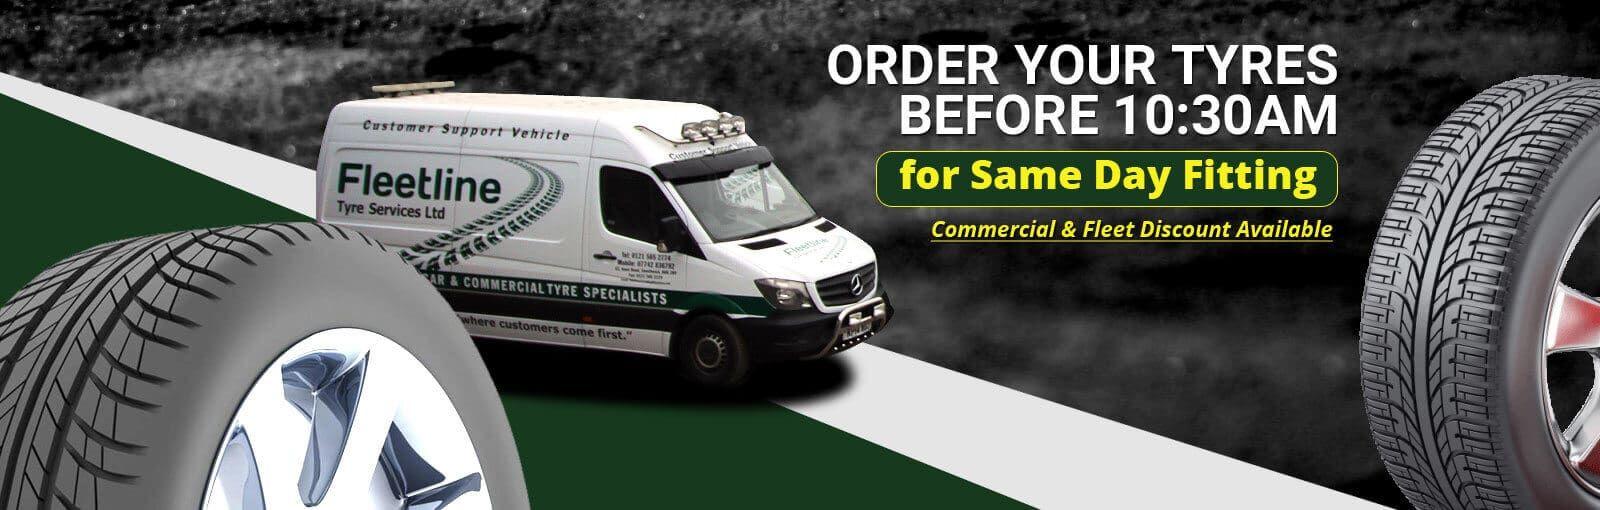 Tyres Birmingham : Commercial Truck Tyres | Fleetline Tyre Services